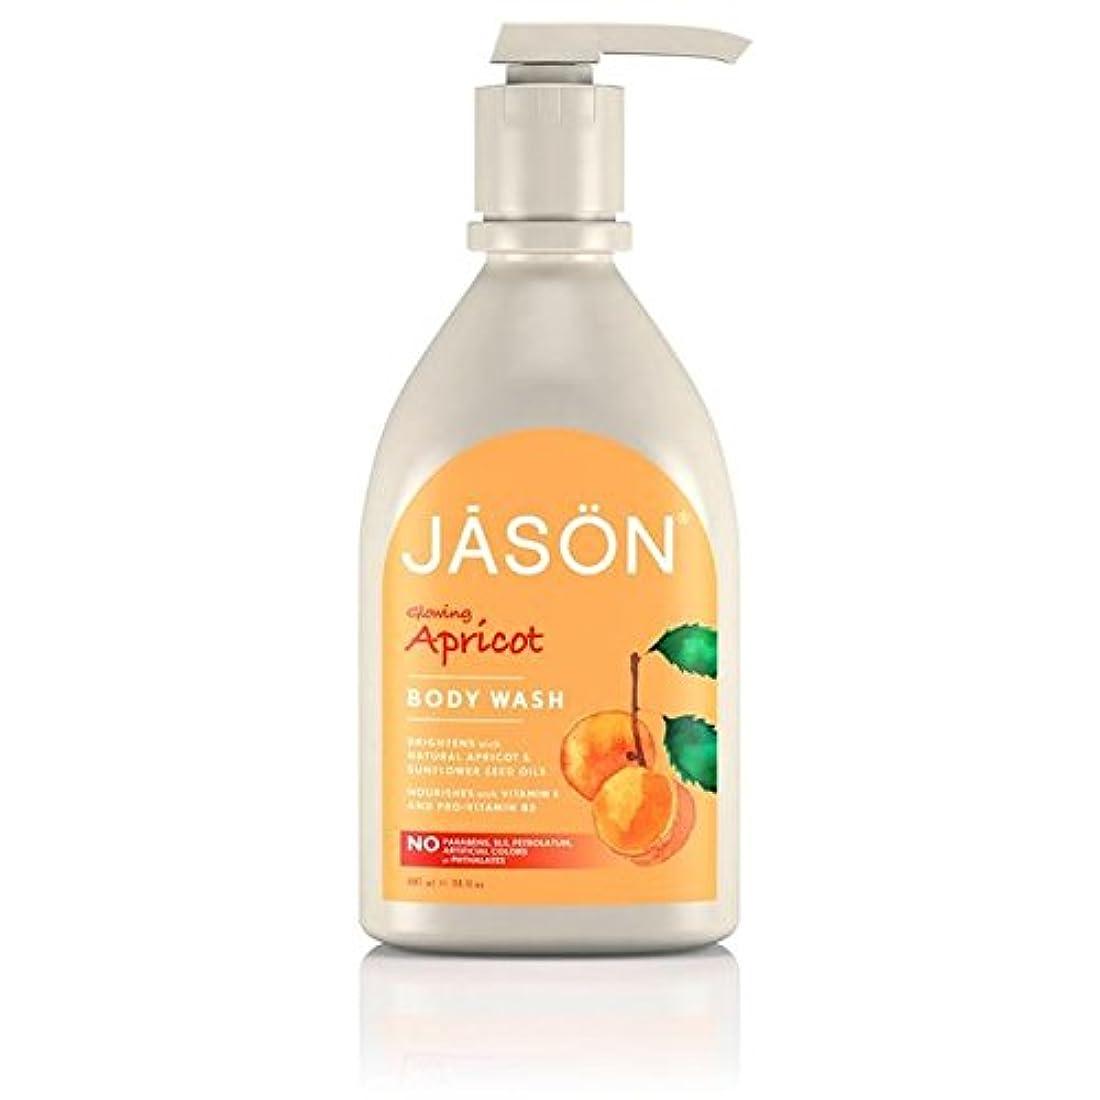 劇的危険なウッズジェイソン?アプリコットサテンボディウォッシュポンプ900ミリリットル x2 - Jason Apricot Satin Body Wash Pump 900ml (Pack of 2) [並行輸入品]